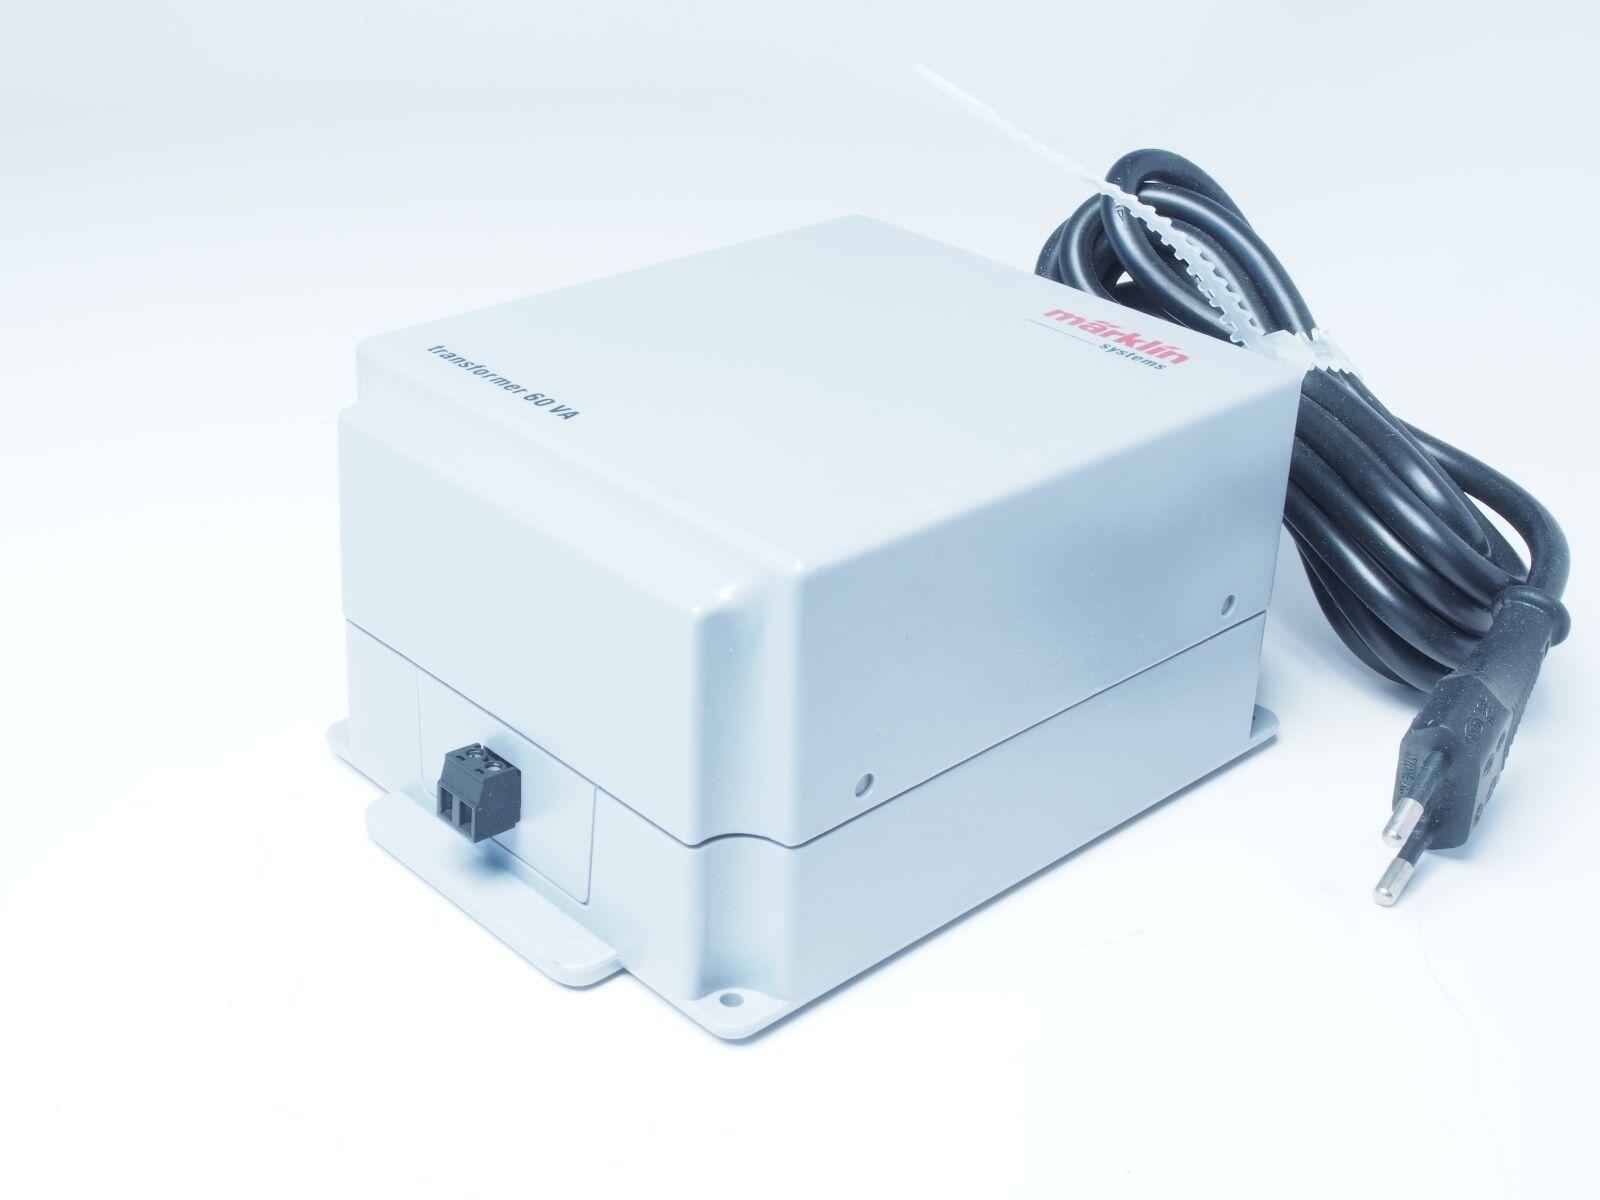 60052 Trasformatore 230 V 60 VA 3.75 Amp. Gauge 1 Ho For Digitale Controllore